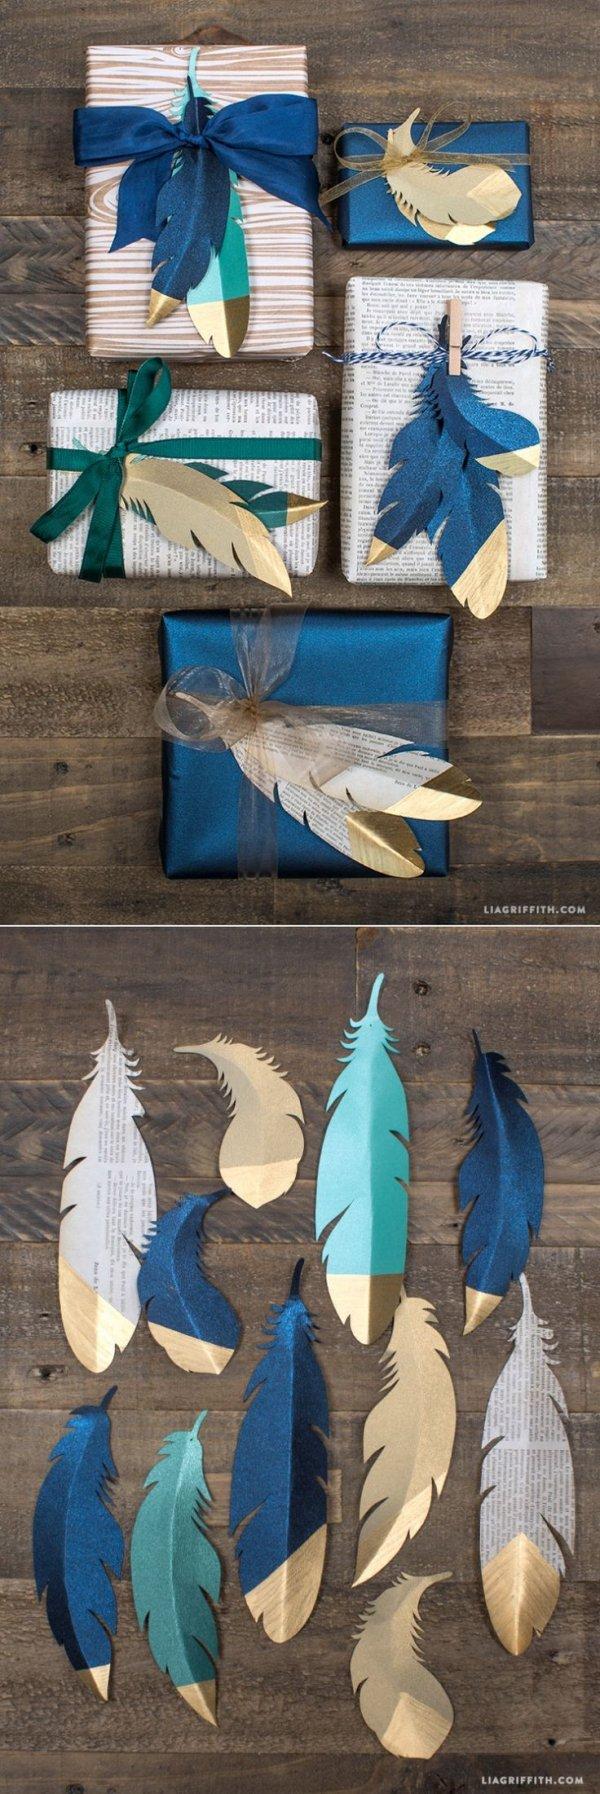 color,blue,art,illustration,LIAGRIFFITH.coM,